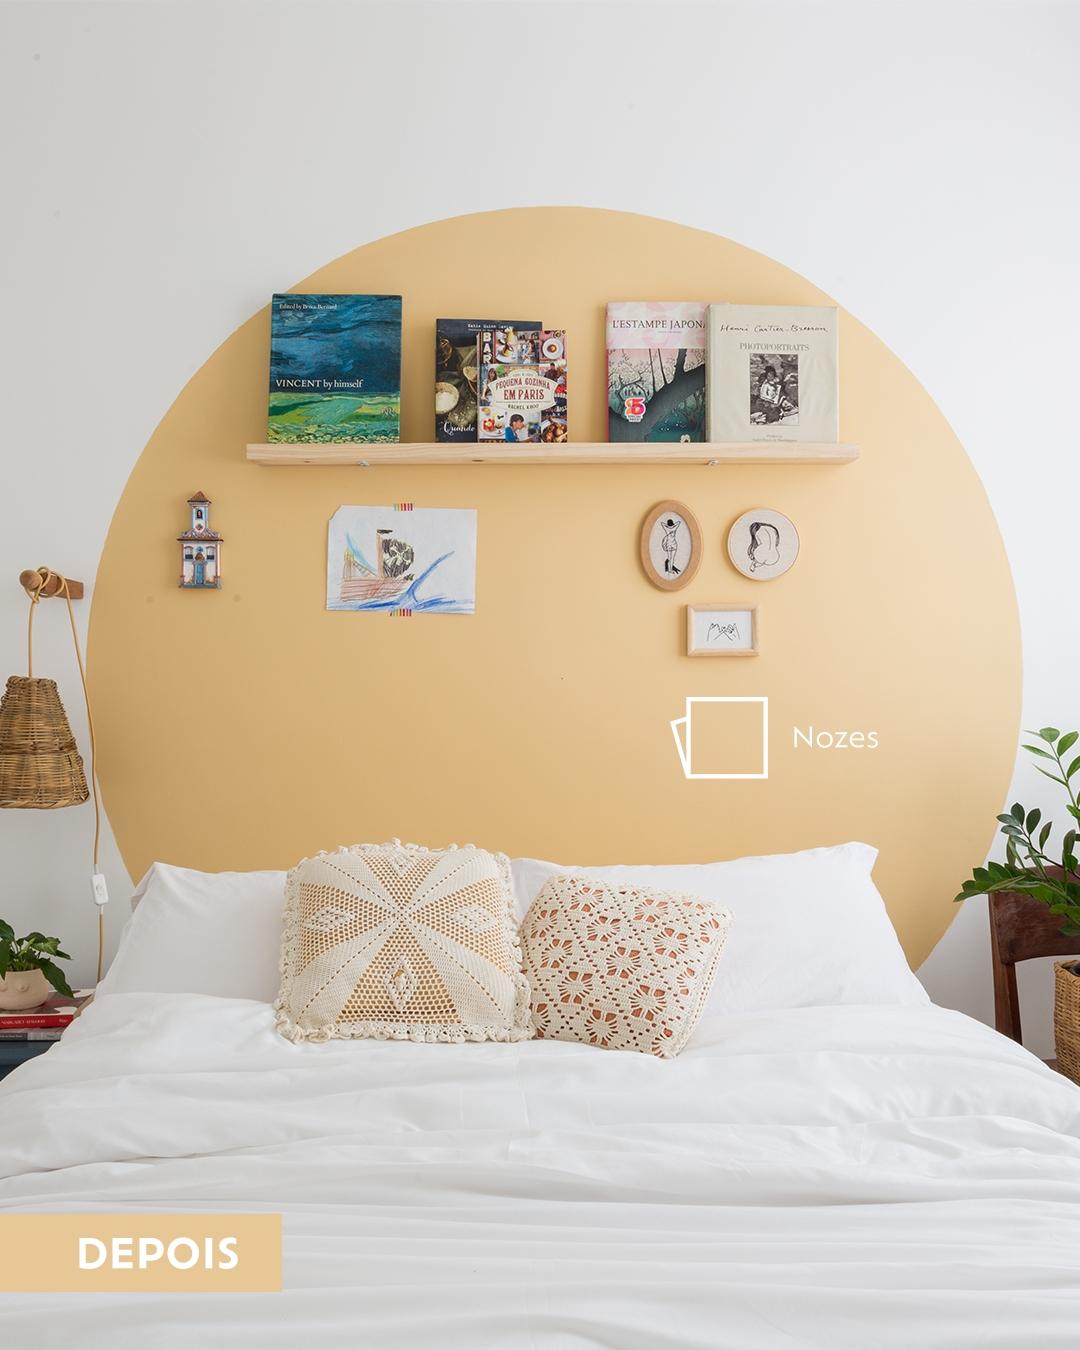 Foto de um ambiente inteiramente branco com uma cama em primeiro plano com dois travesseiros.